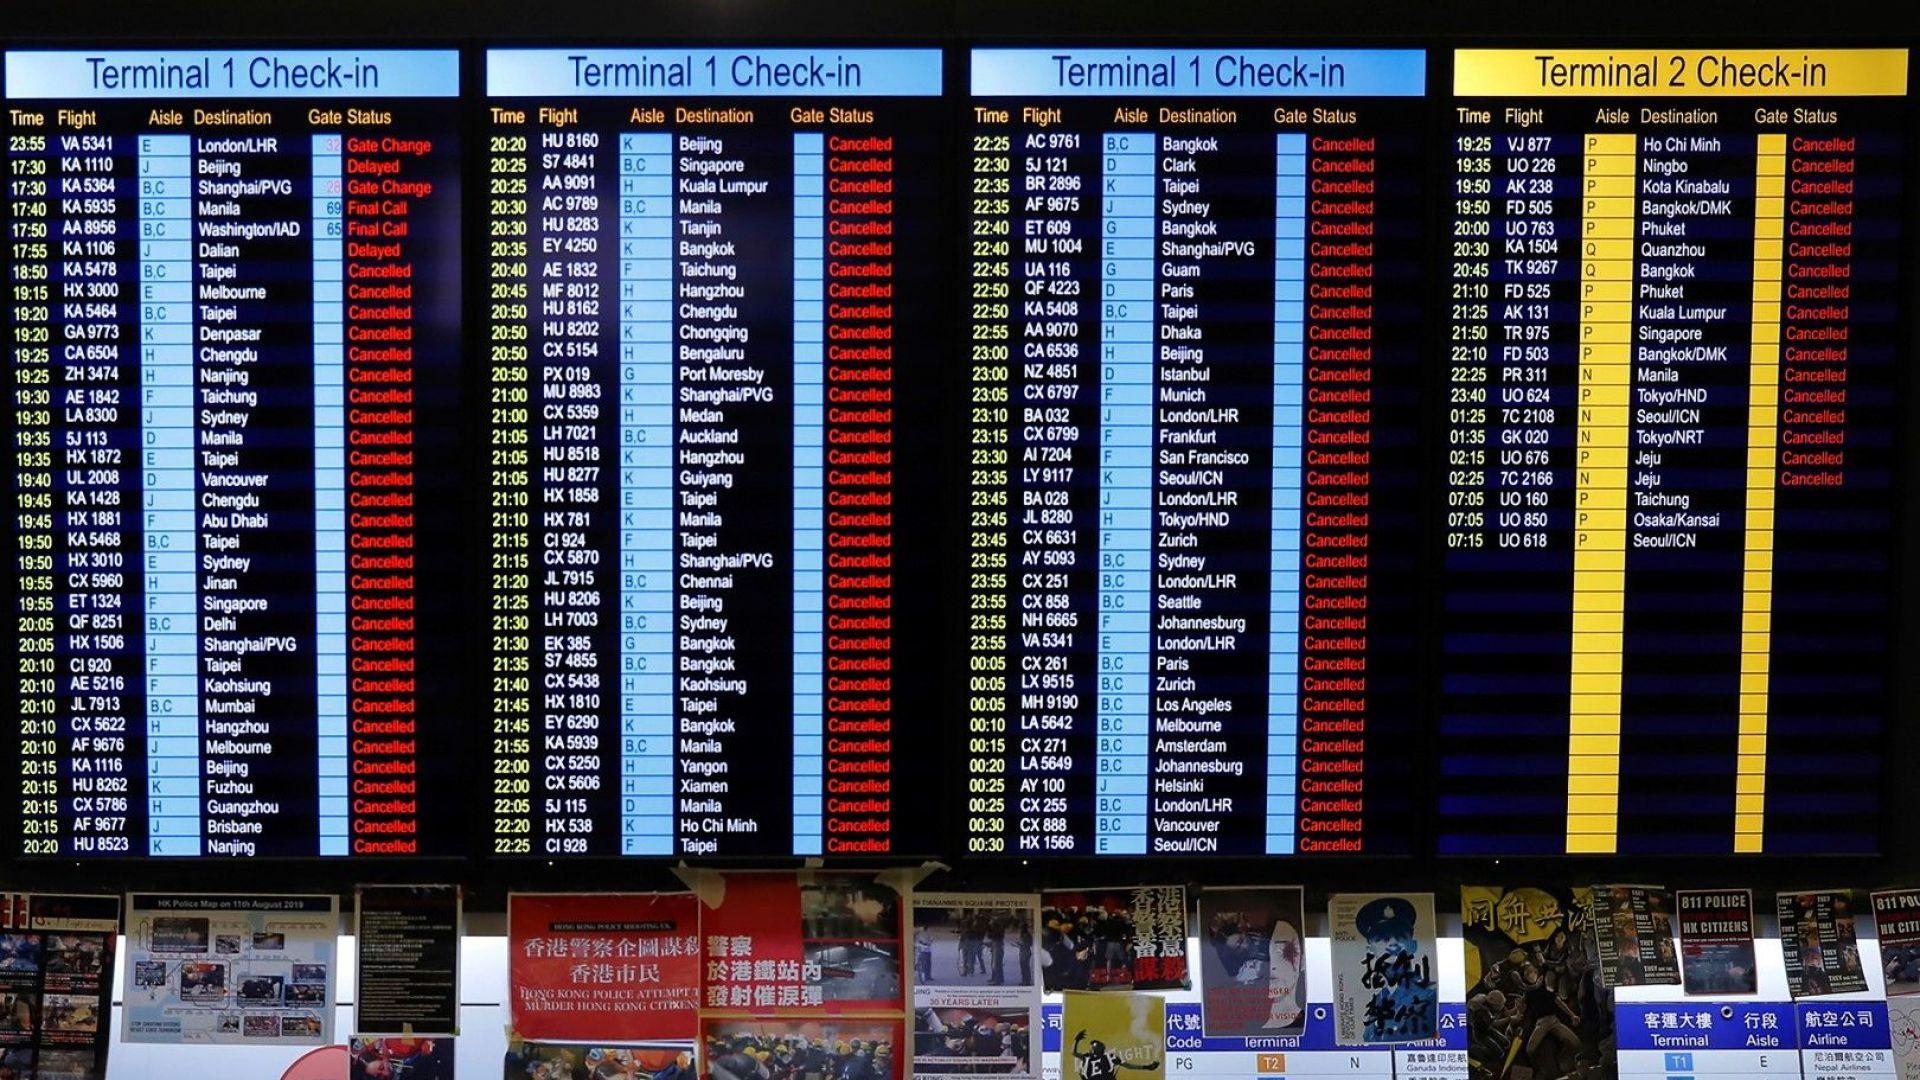 Летището на Хонконг обяви, че всички днешни полети са отменени